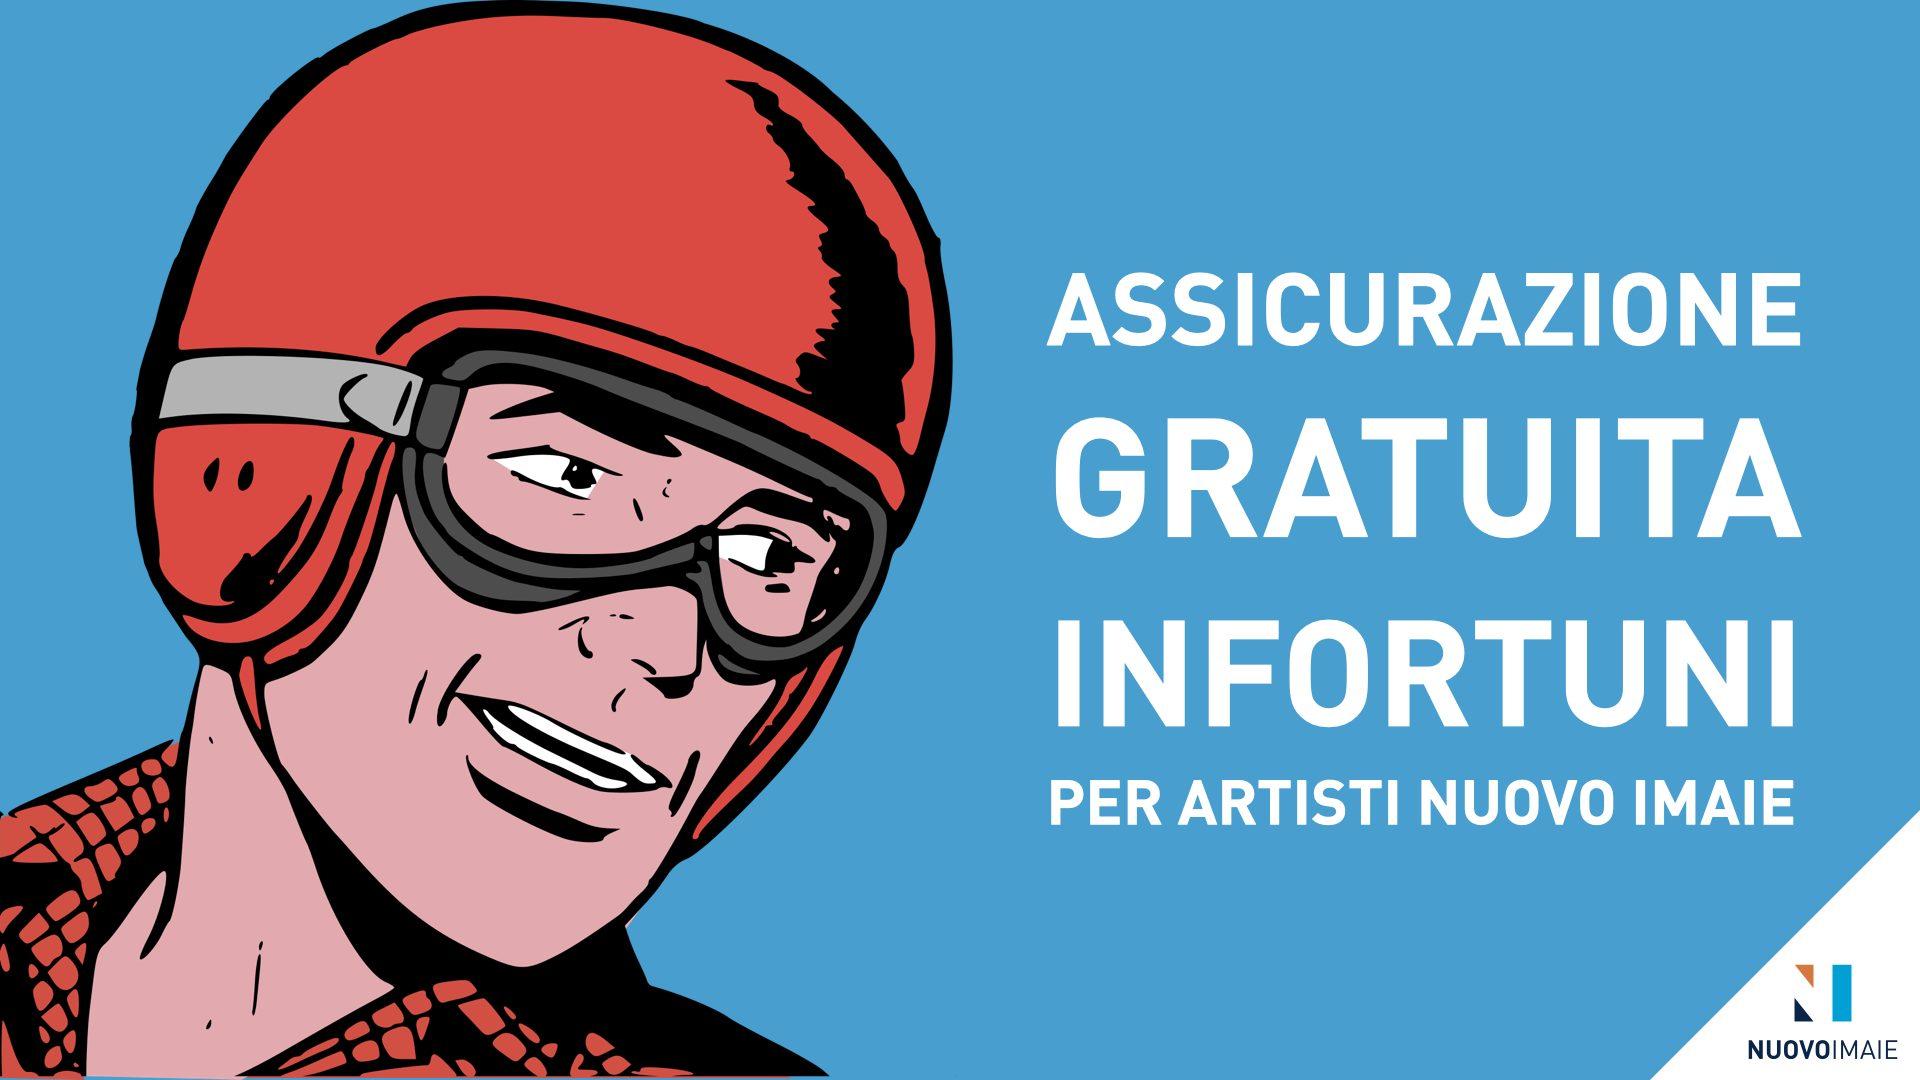 Assicurazione Gratuita Infortuni per Artisti NUOVO IMAIE